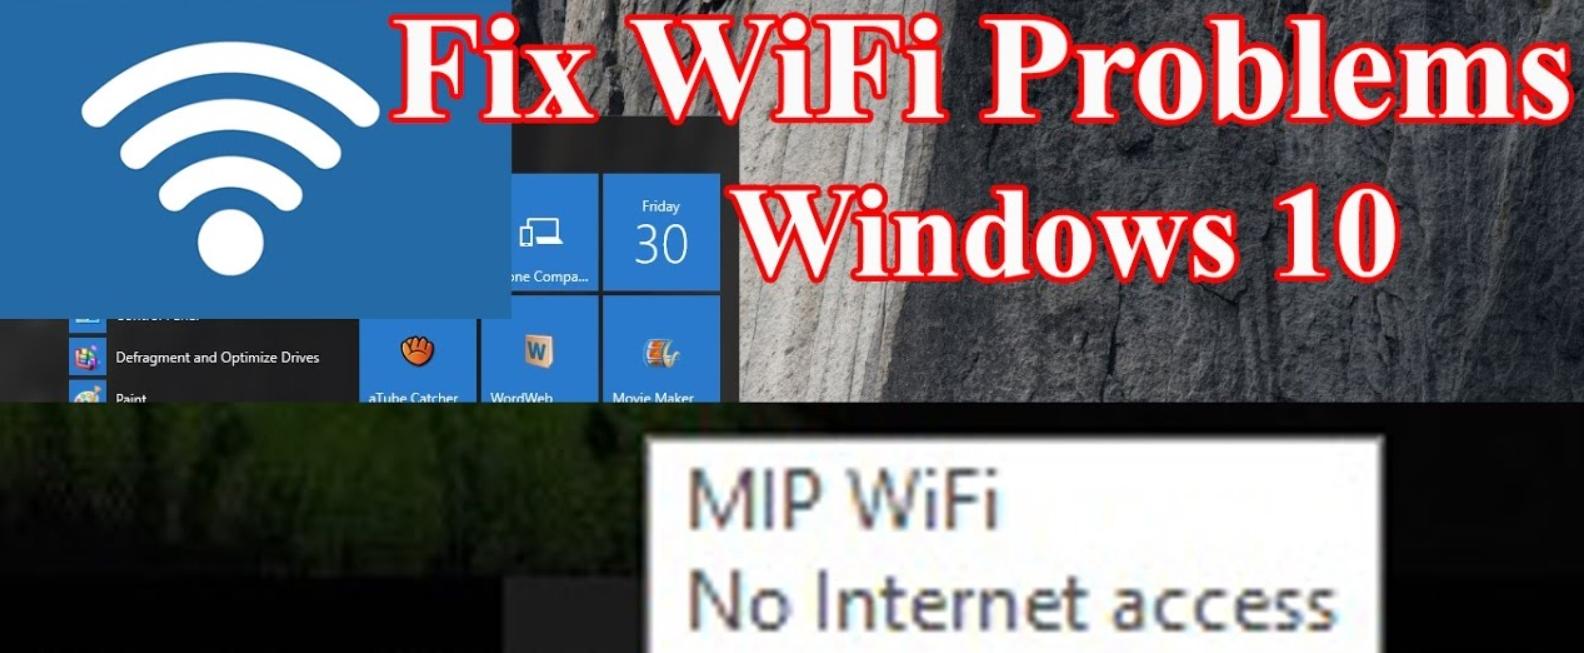 Máy tính Windows 10 không tự động kết nối với mạng WiFi